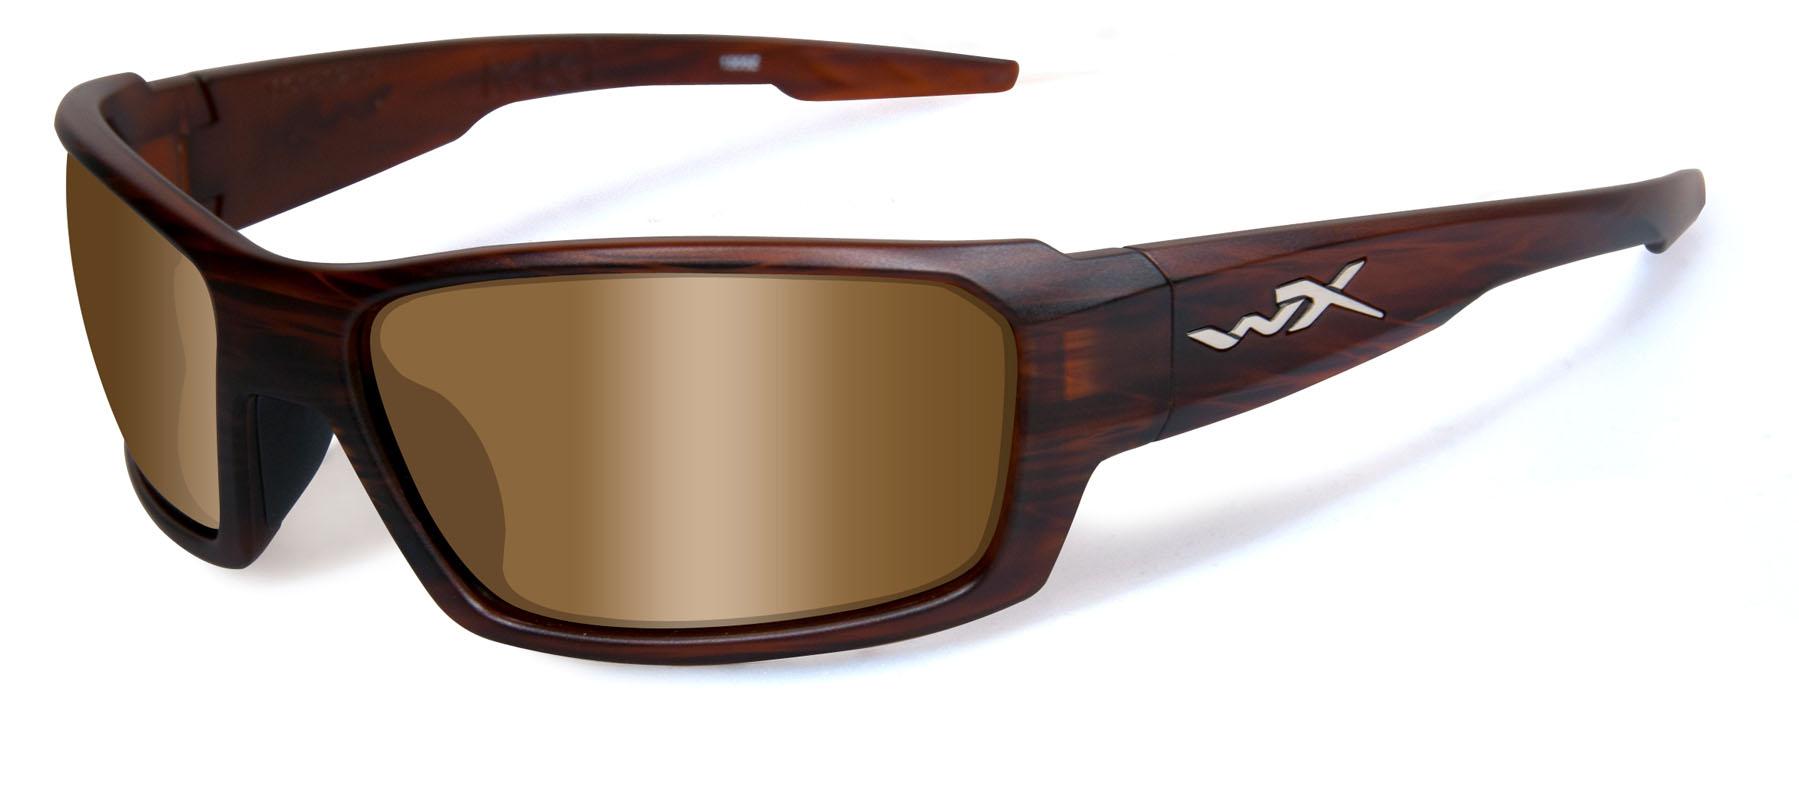 Best polarized sunglasses for carp fishing for Best fishing glasses